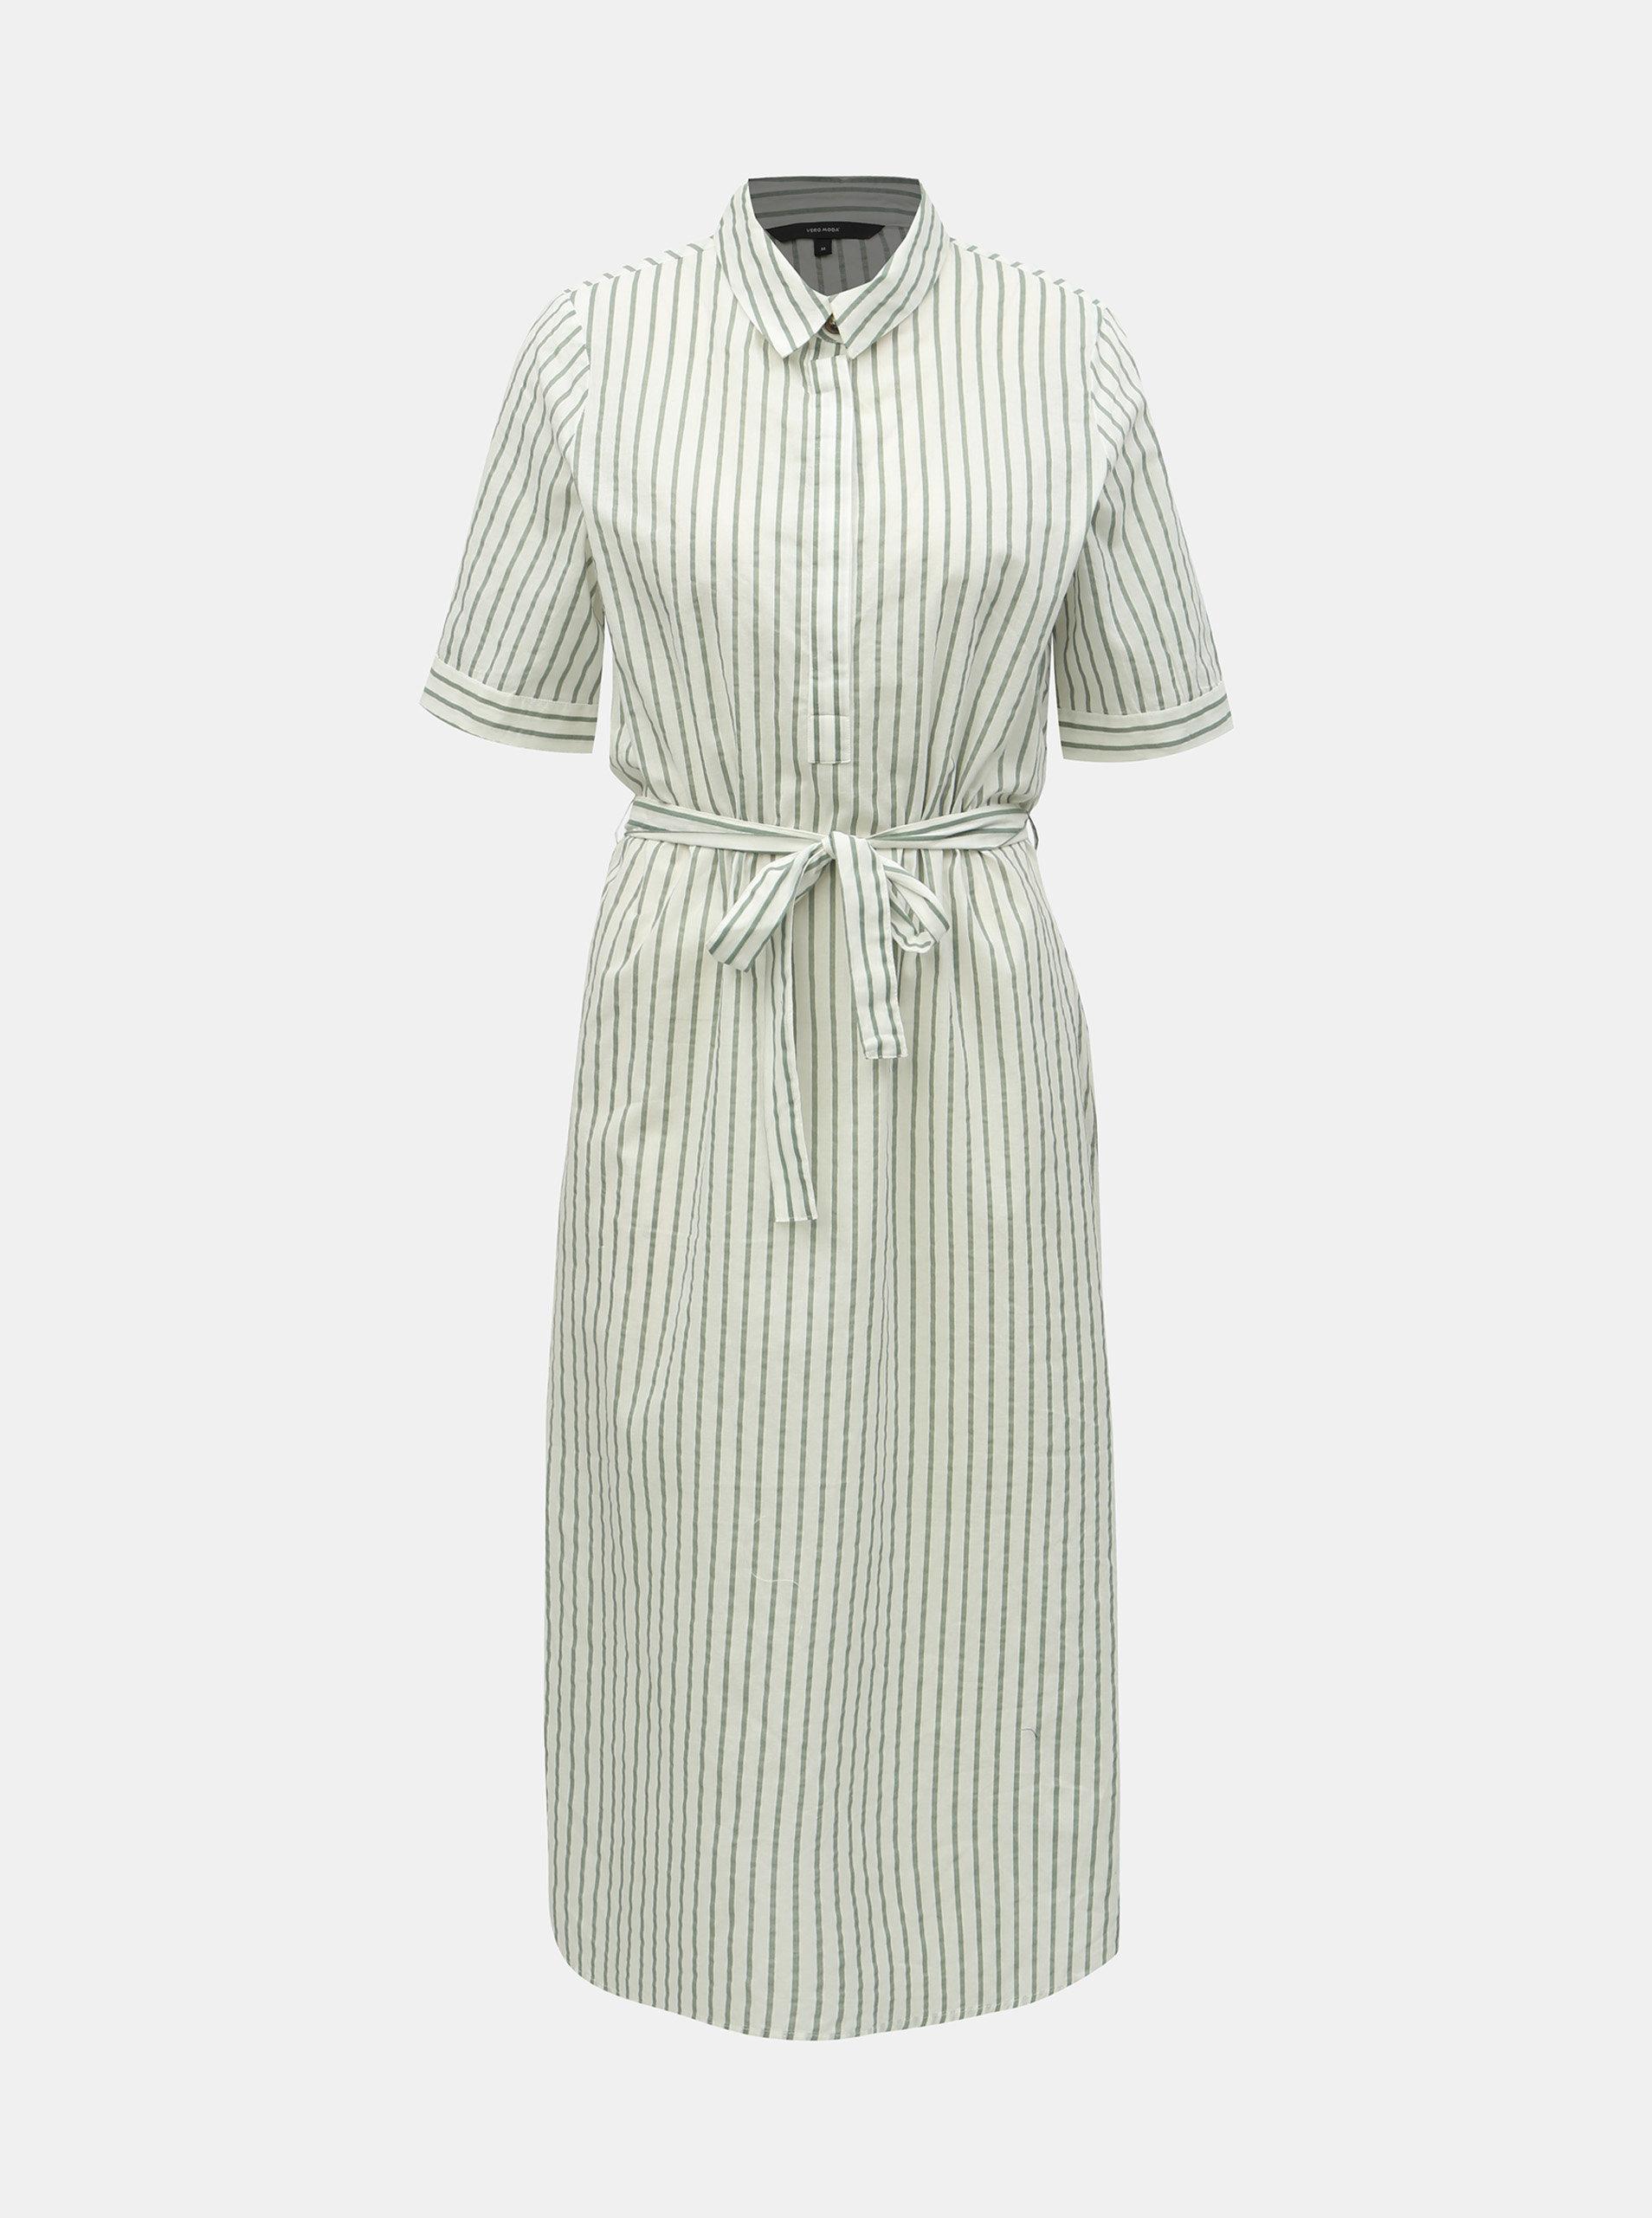 64bfe3fbfe88 Zeleno–biele pruhované košeľové šaty VERO MODA Cassie ...